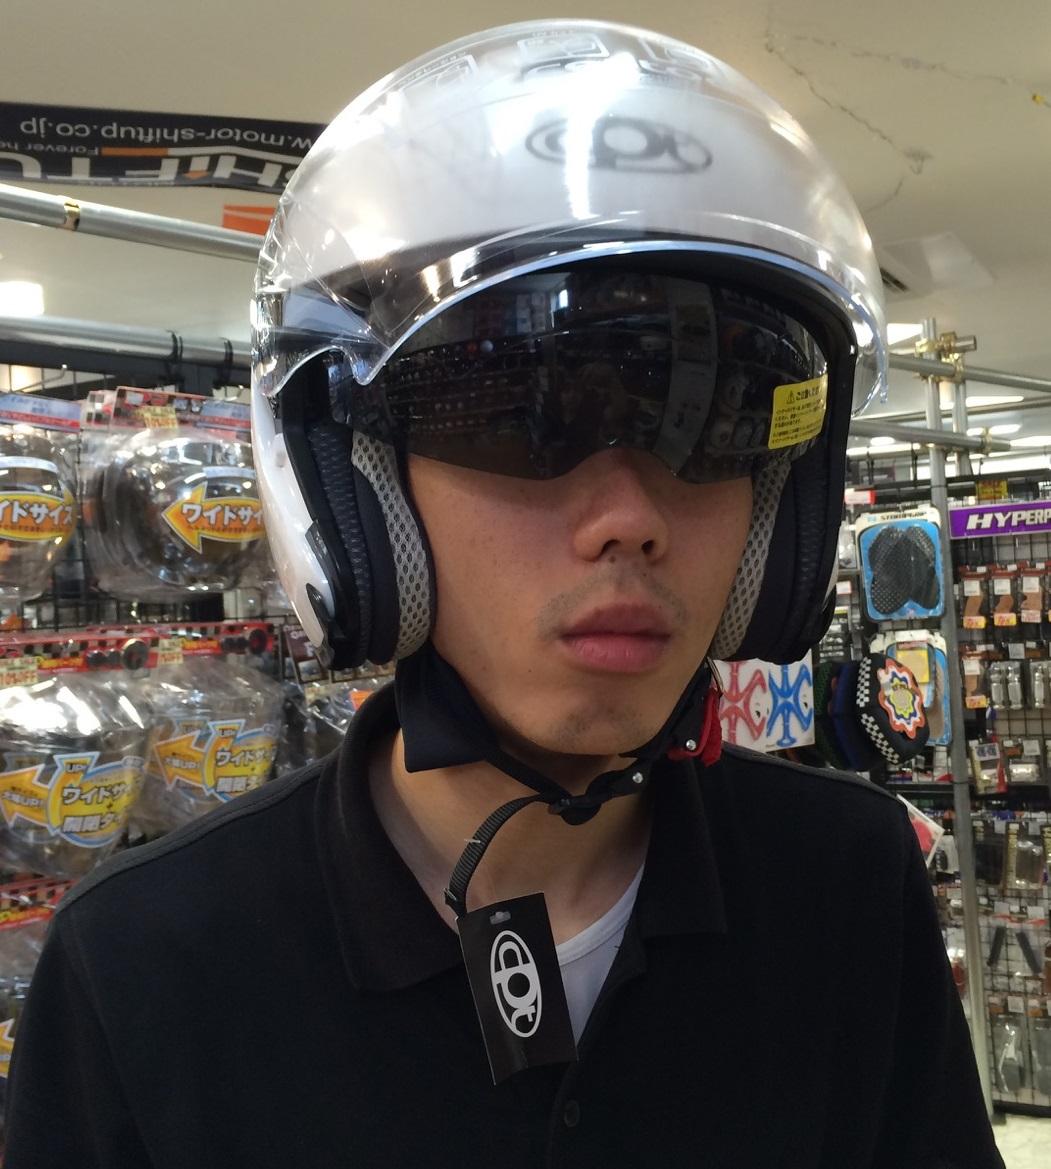 リーズナブルなヘルメットをお探しの方に・・・_b0163075_16182640.jpg